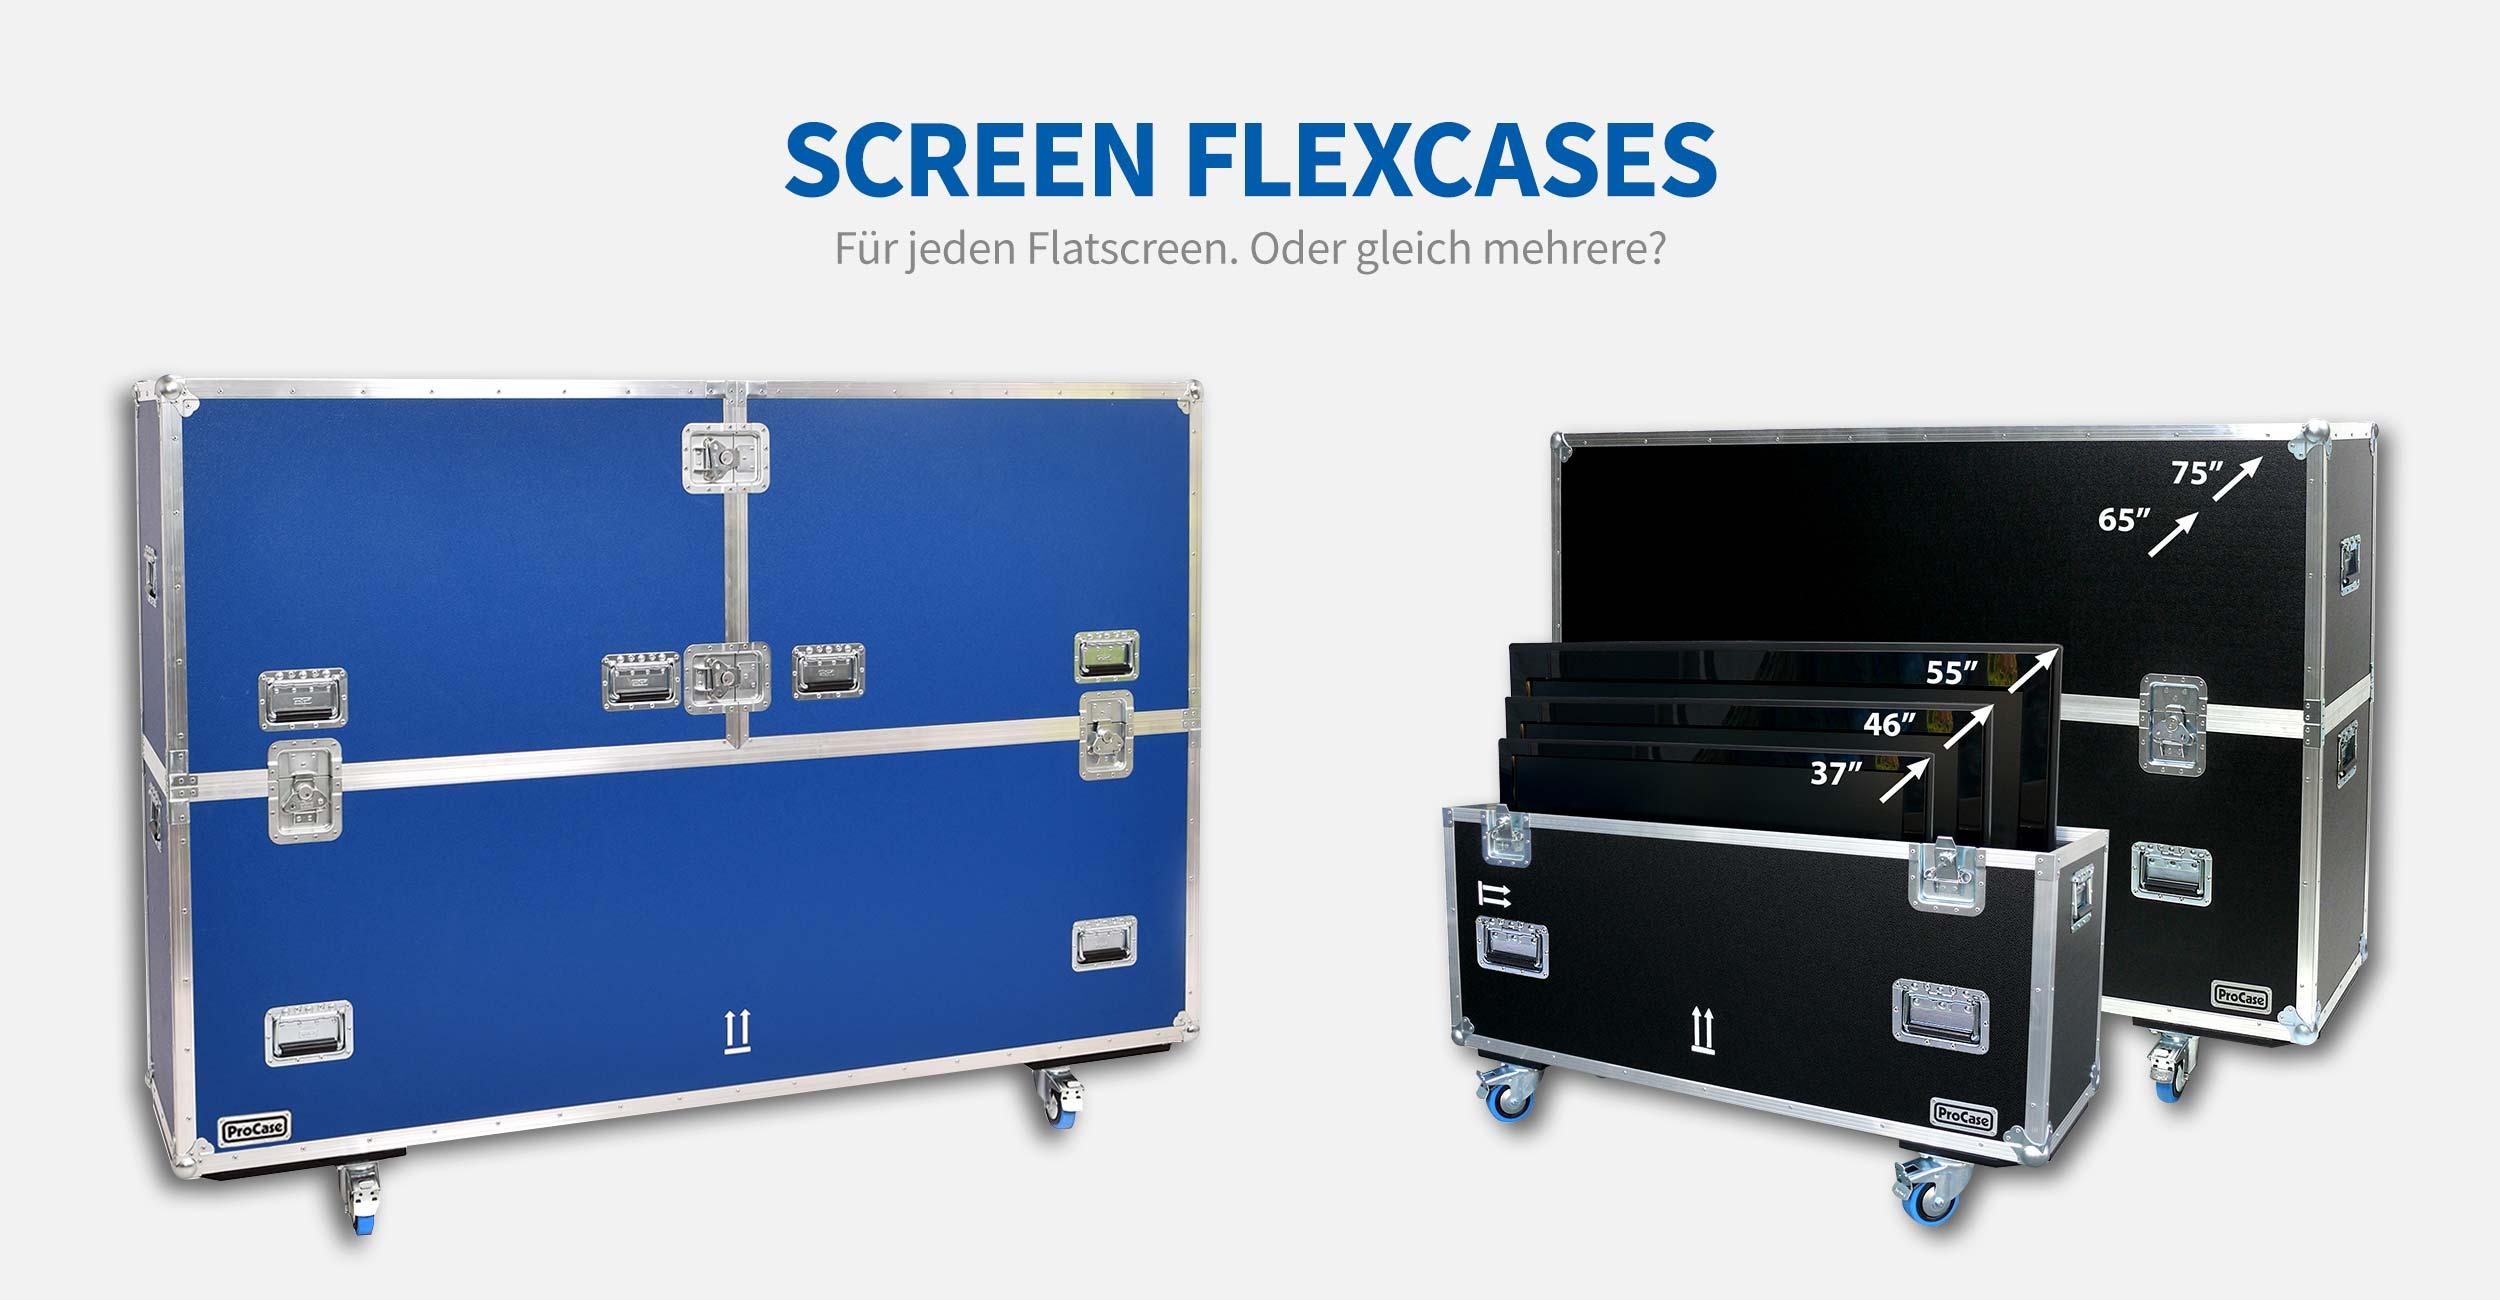 Screen FlexCases. Für jeden Flatscreen. Sogar für mehrere. Für alle Bildschirmgrößen bis 85 Zoll erhältlich.